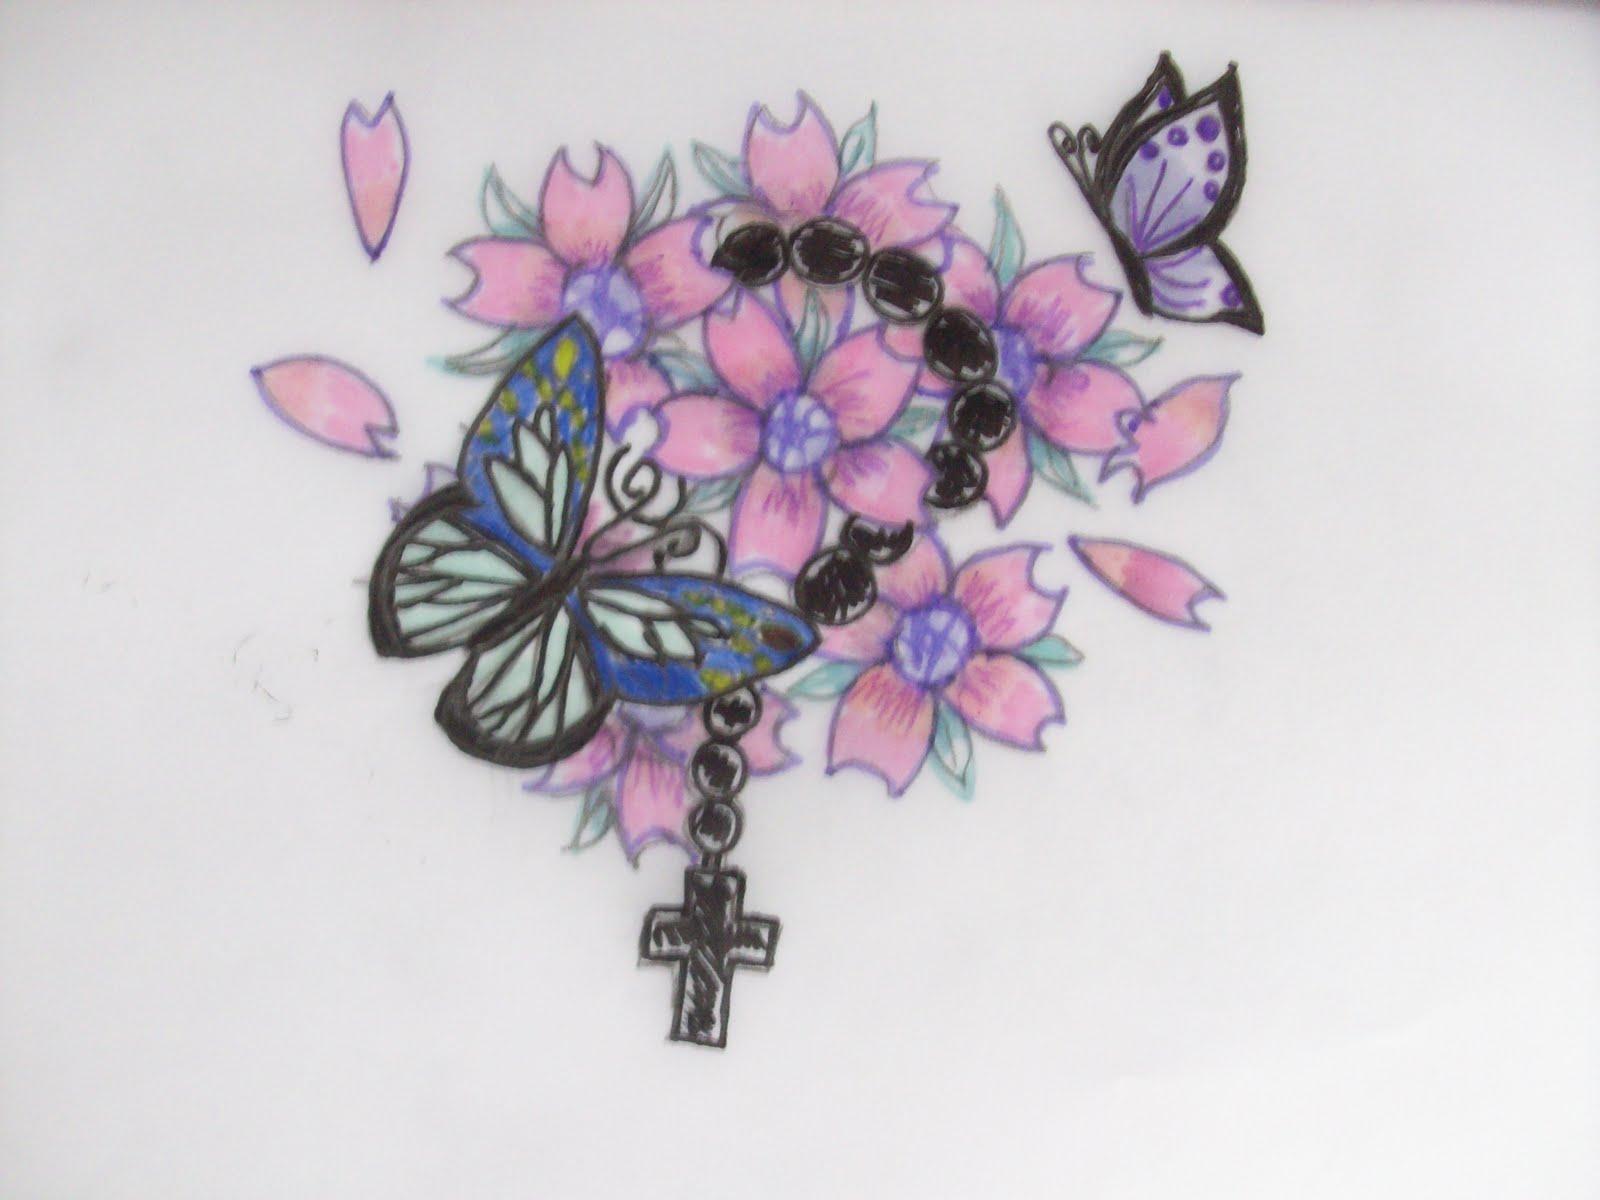 http://4.bp.blogspot.com/-lx1a9HNX9_U/Th4p1BWXQ1I/AAAAAAAAAIQ/t6yislJd-1w/s1600/TattooColor2.JPG